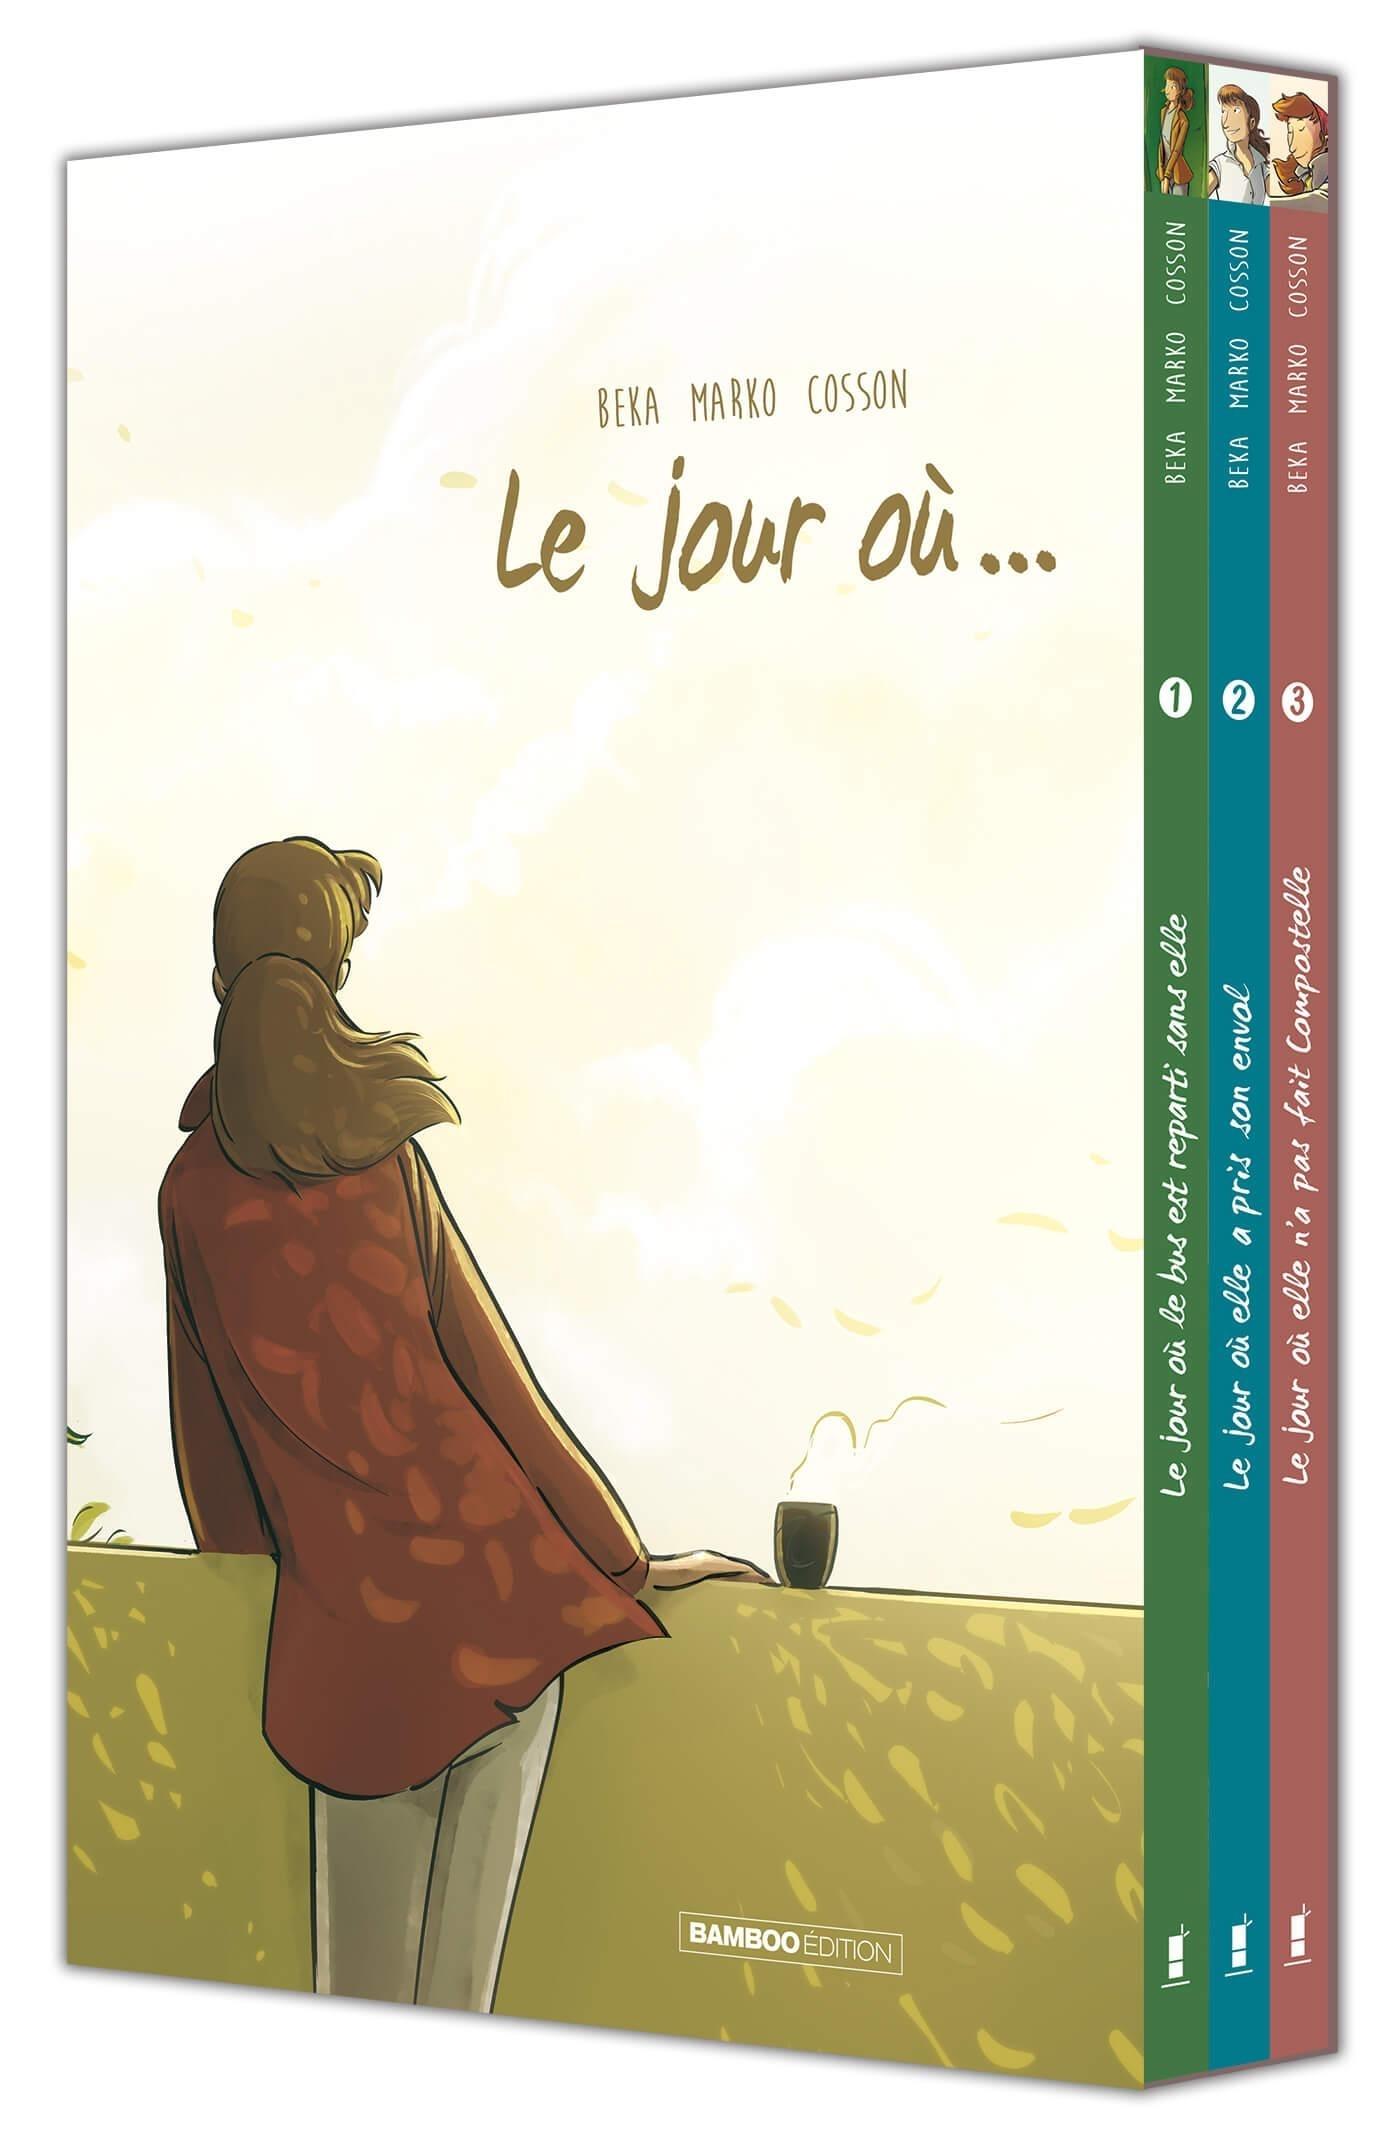 LE JOUR OU LE BUS REPARTIT SANS ELLE - LE JOUR OU ... COFFRET T1-T2-T3